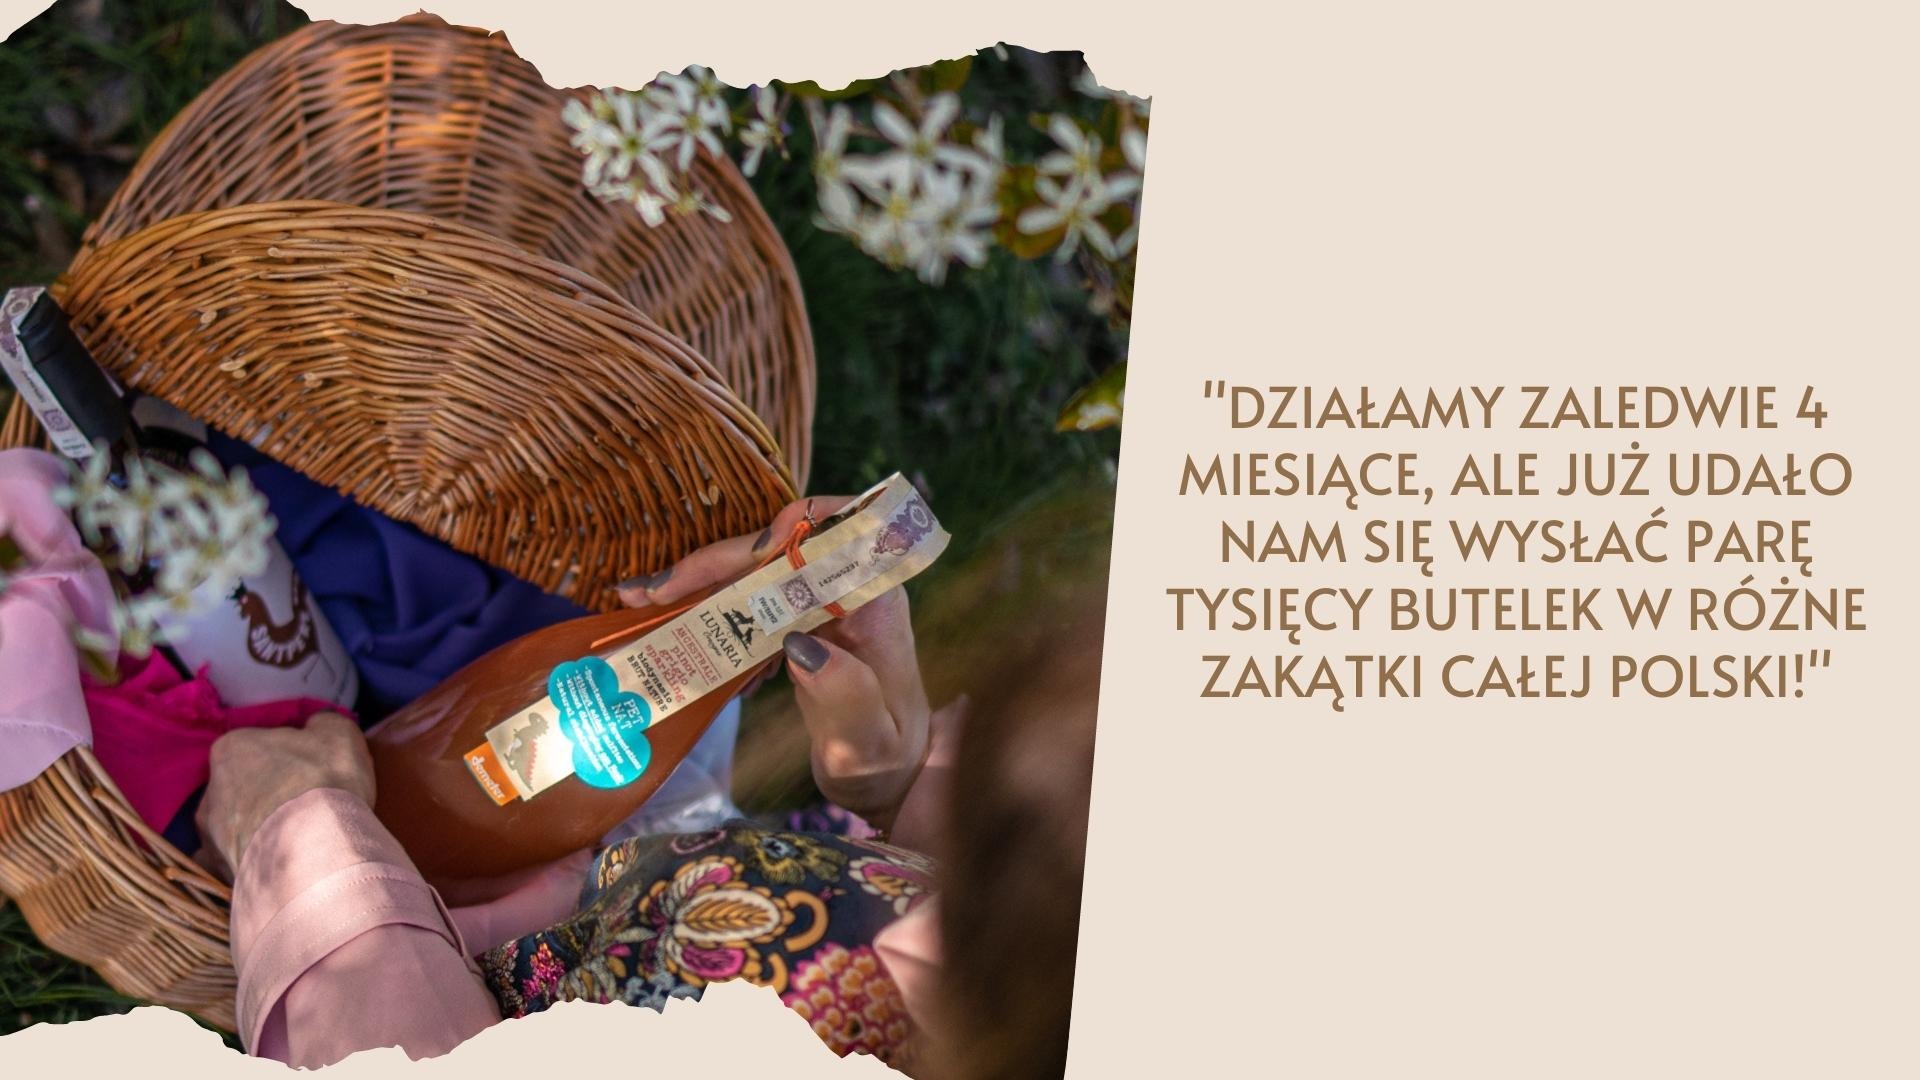 8 polskie marki na które wato zwrócić uwagę moder wine club sklep z winami online wysyłka win do całej polski kup wino z dostawą do domu pudełko subskrybcyjne